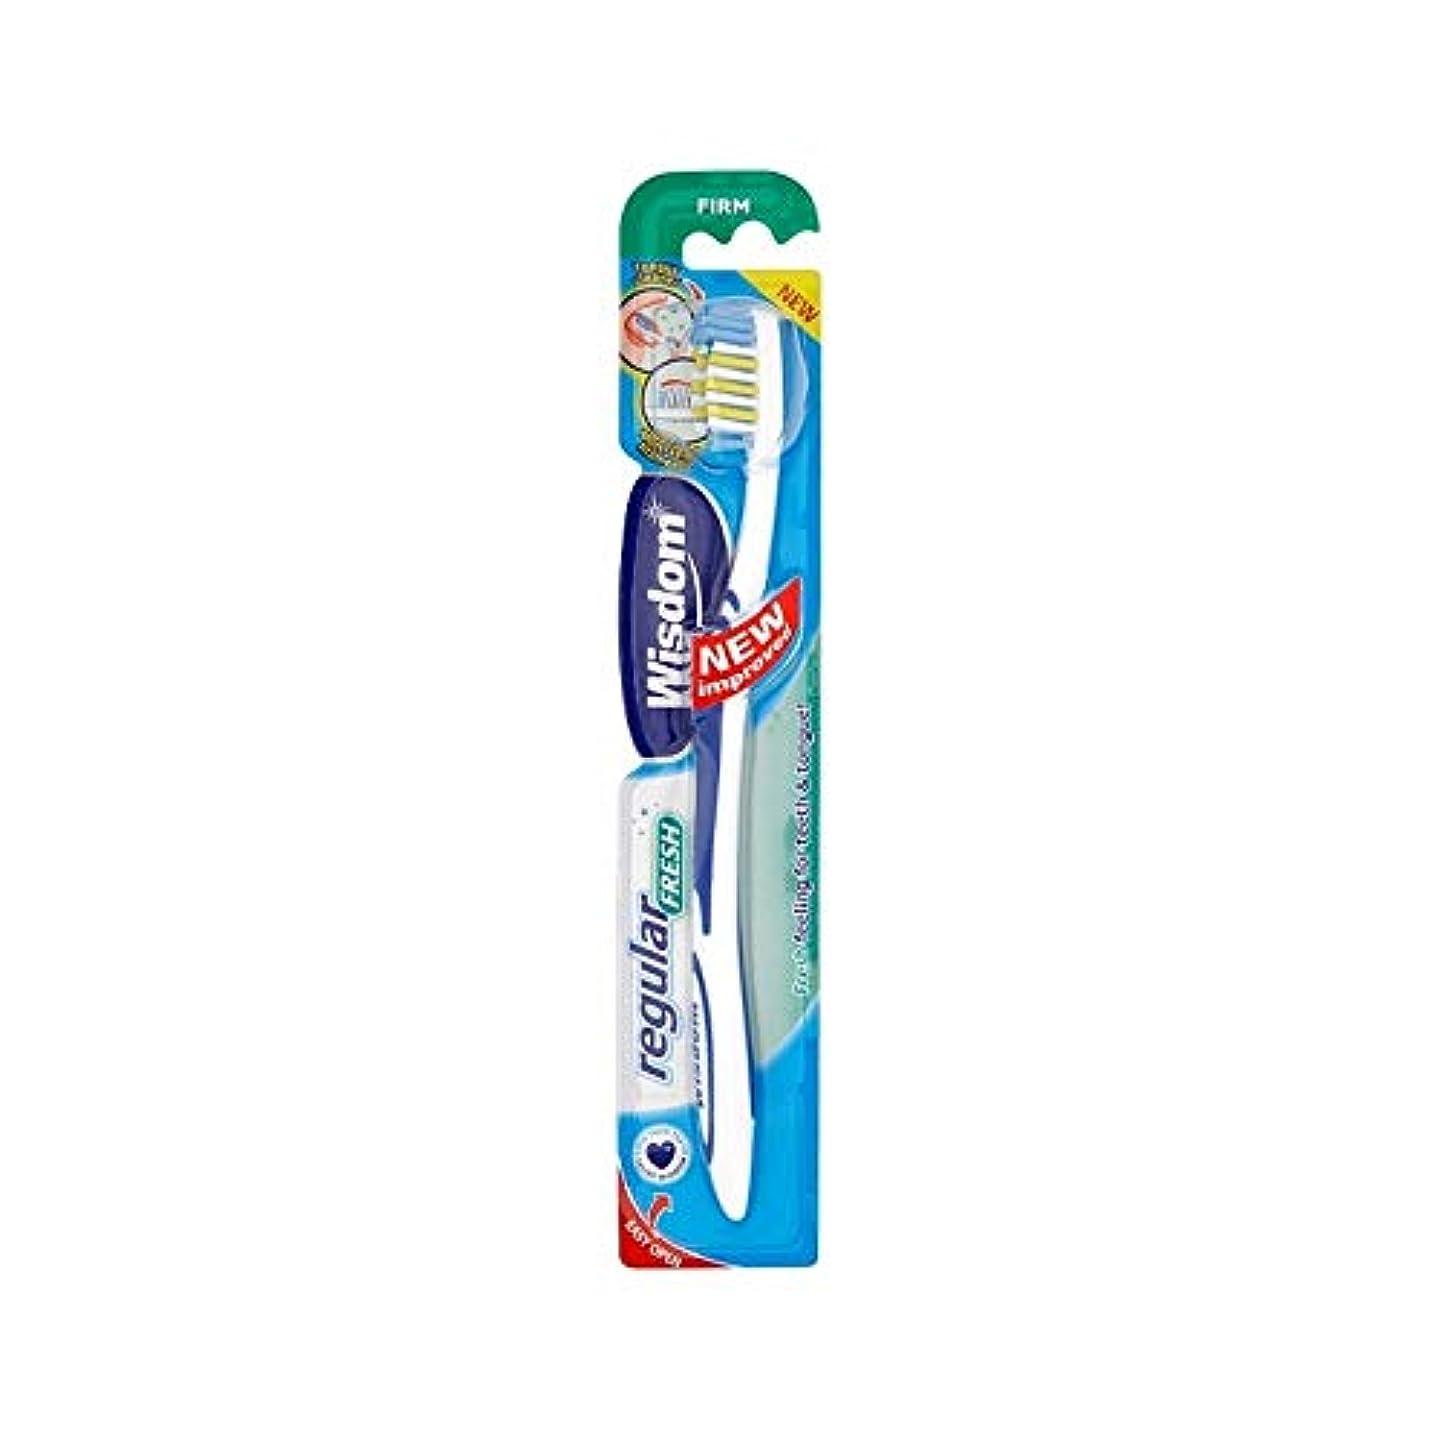 噴出するぬれたマチュピチュ[Wisdom ] 12の知恵定期的に新鮮しっかり歯ブラシパック - Wisdom Regular Fresh Firm Toothbrush Pack of 12 [並行輸入品]